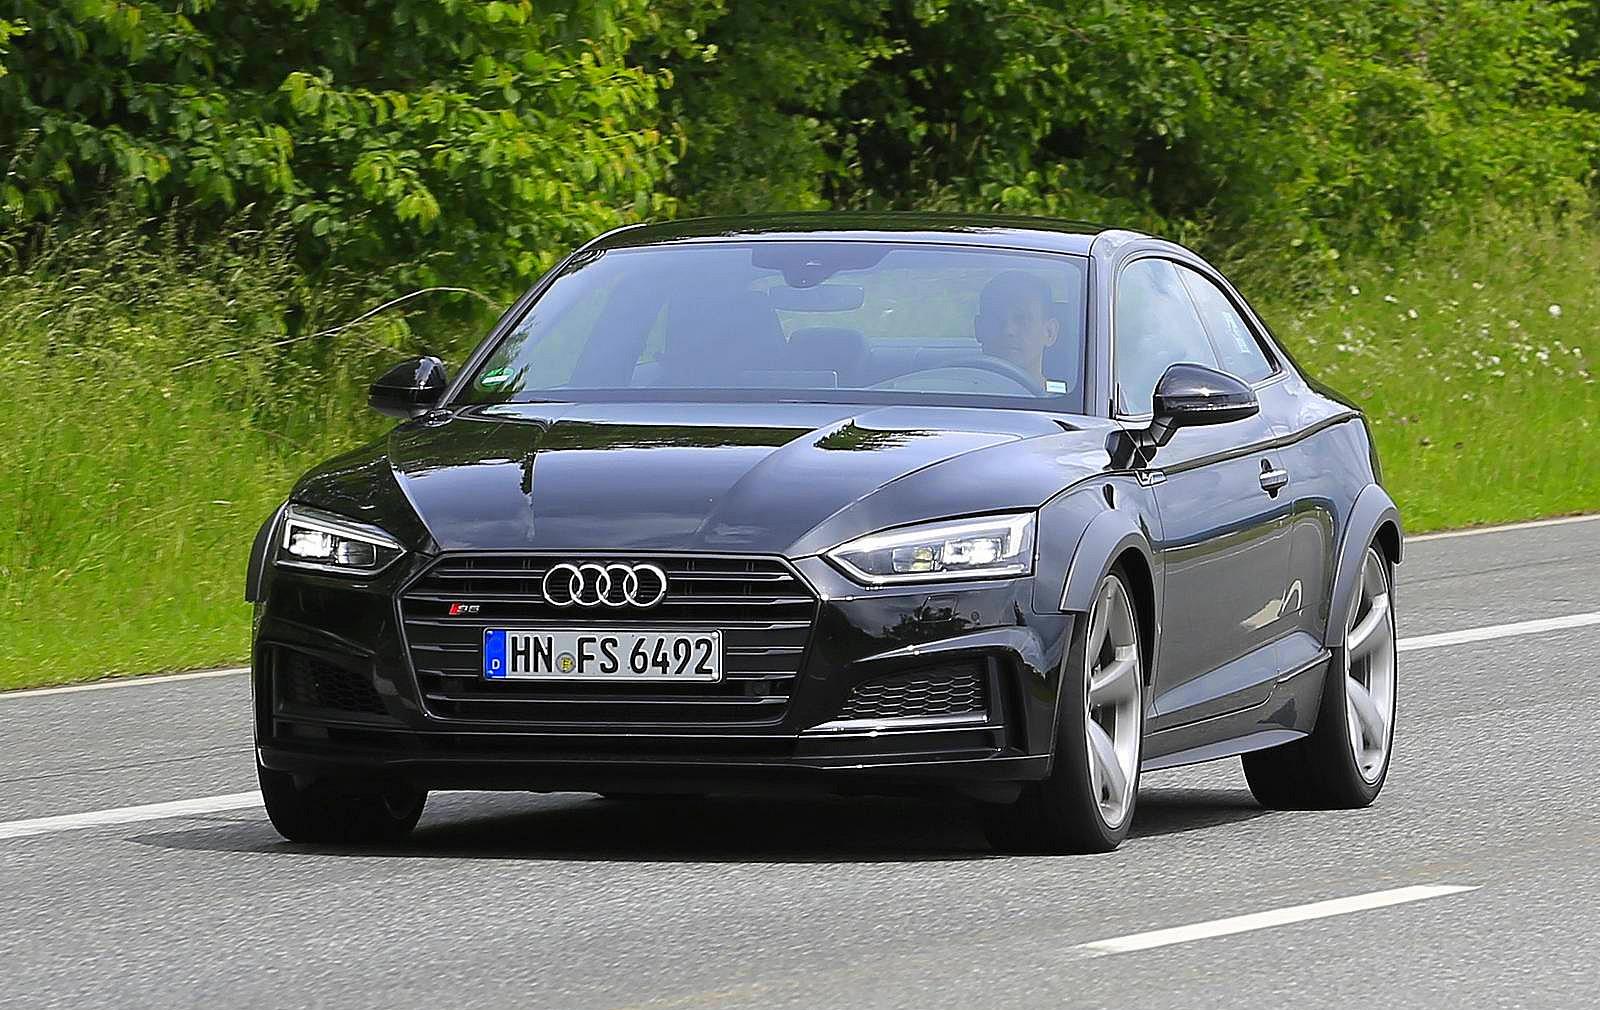 Spiunohet gjatë procesit të testimit Audi RS5 që lansohet më 2018 foto 2